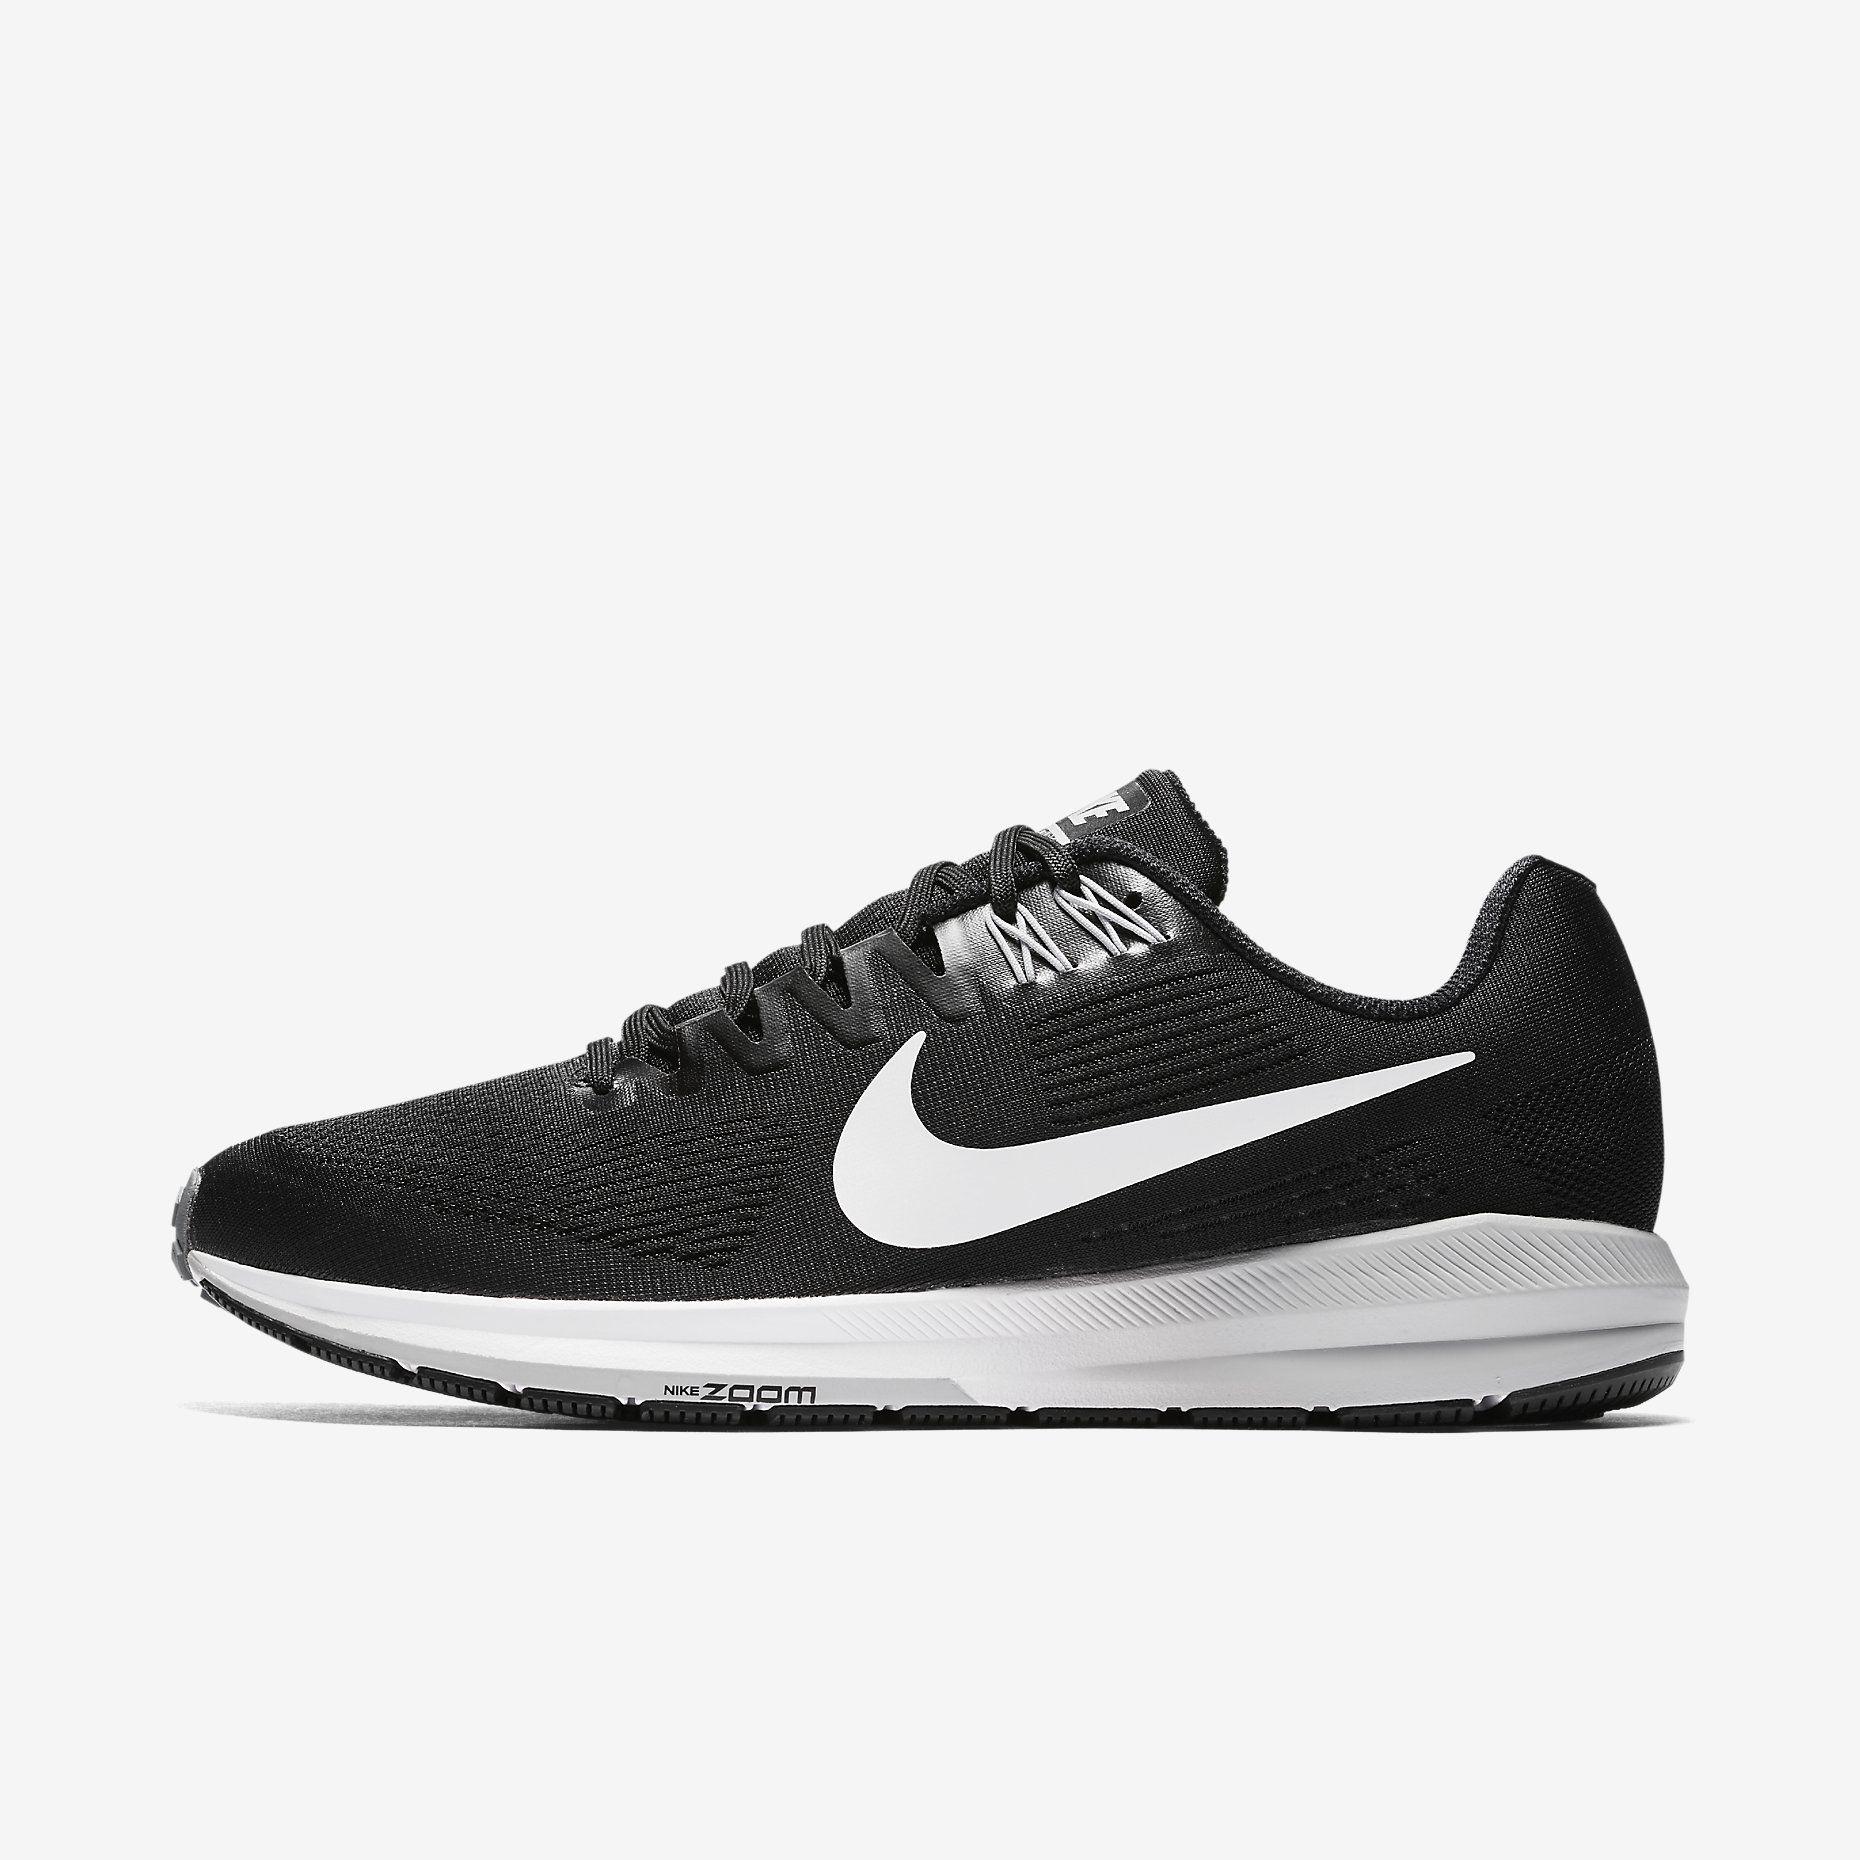 Produktene Er Utviklet For A Gi Maksimal Ytelse I Konkurranse Trening Og Hverdag Handle De Nyeste Innovasjonene Pa Nike Com Lopesko Nike Nike Air